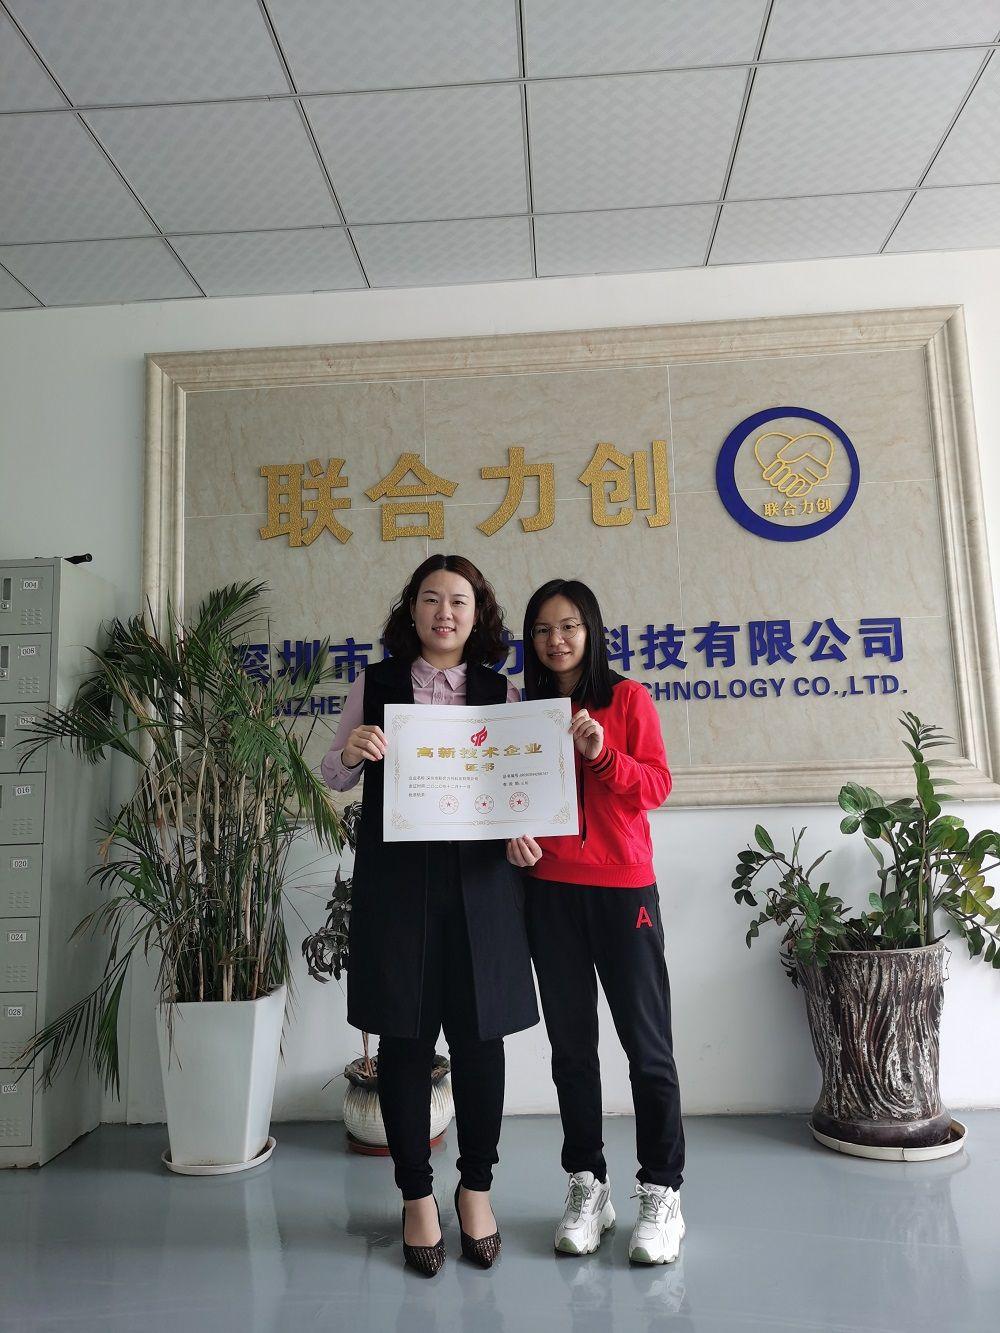 深圳市联合力创科技有限公司